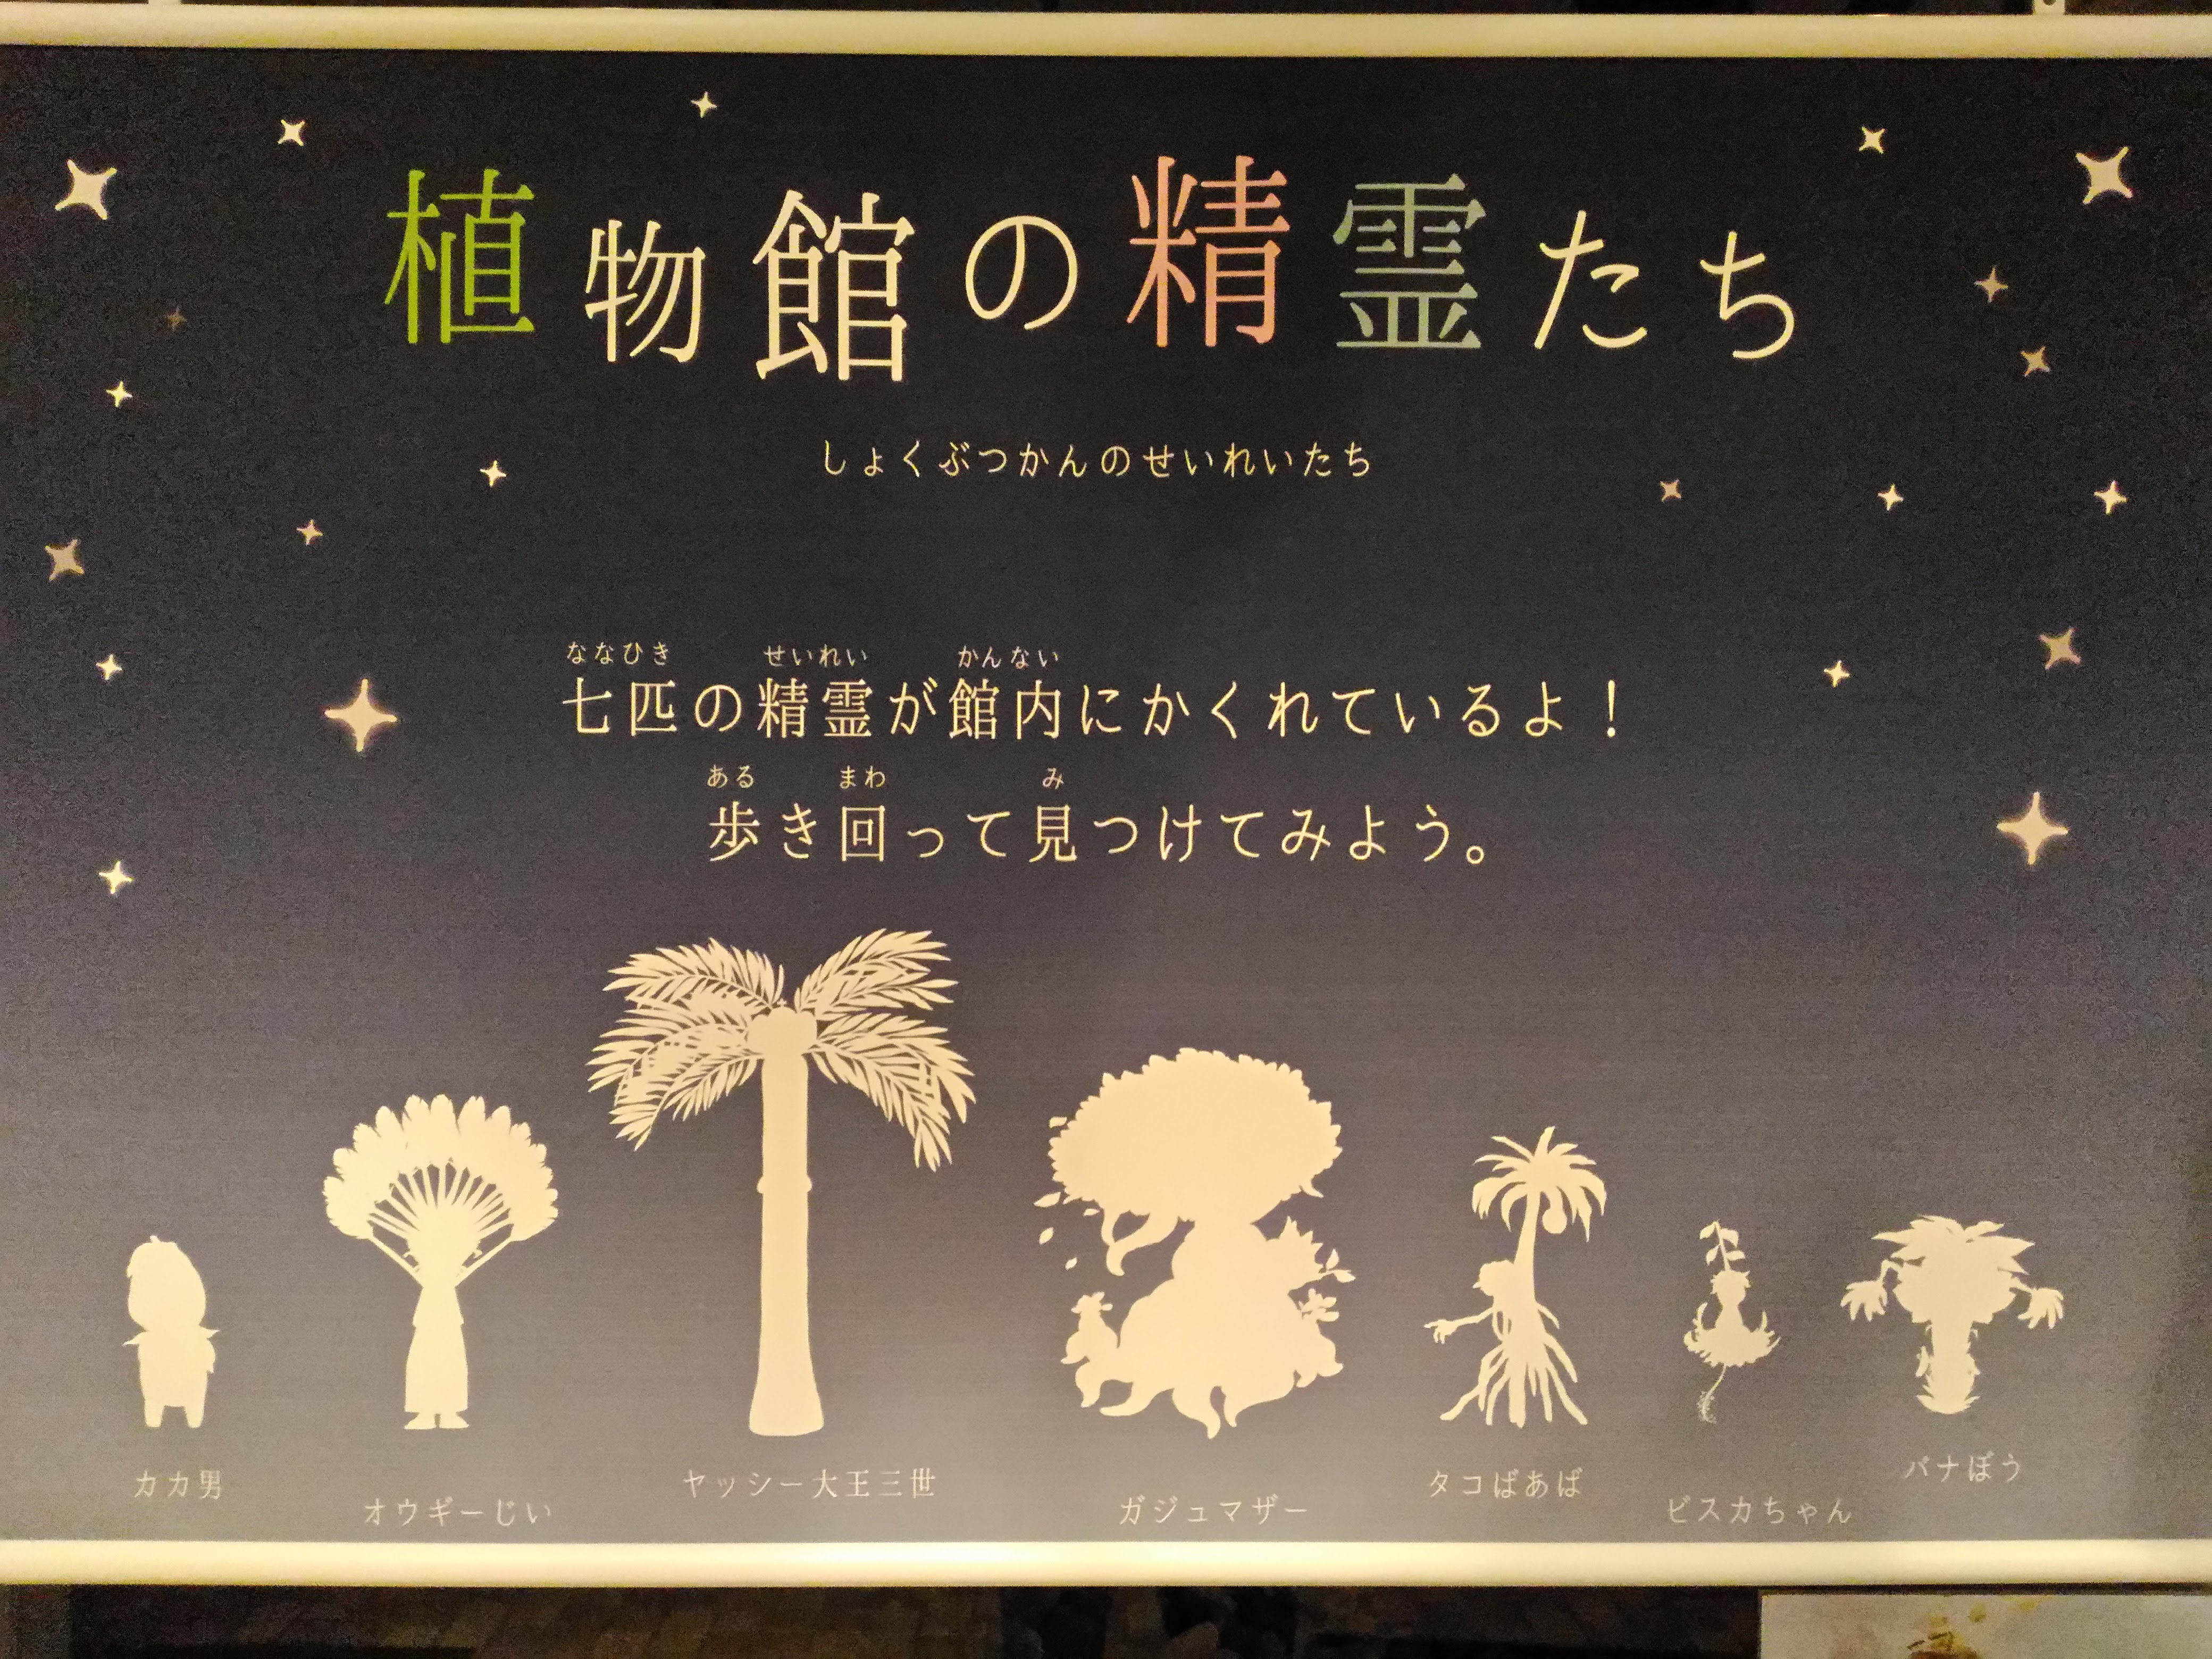 0980-201508_Yumenoshima Tropical Greenhouse Dome 02